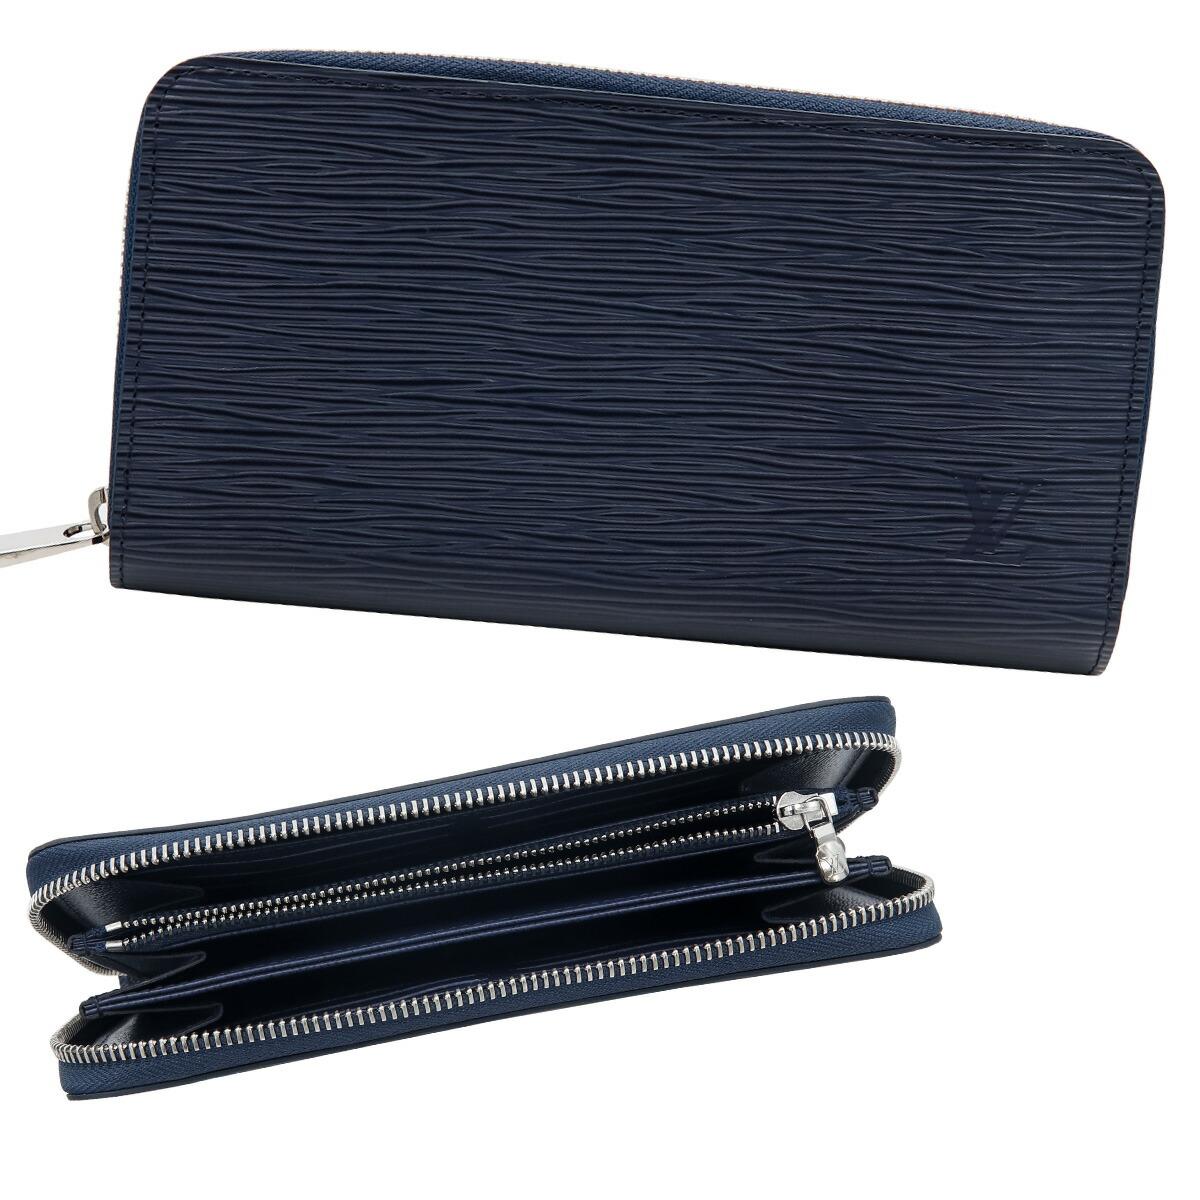 �륤�����ȥ� �����ȥ� LOUIS VUITTON ���� Ĺ���� ��ǥ����� �饦��ɥե����ʡ� ���� ���åԡ���������å� ����ǥ����֥롼 M60307